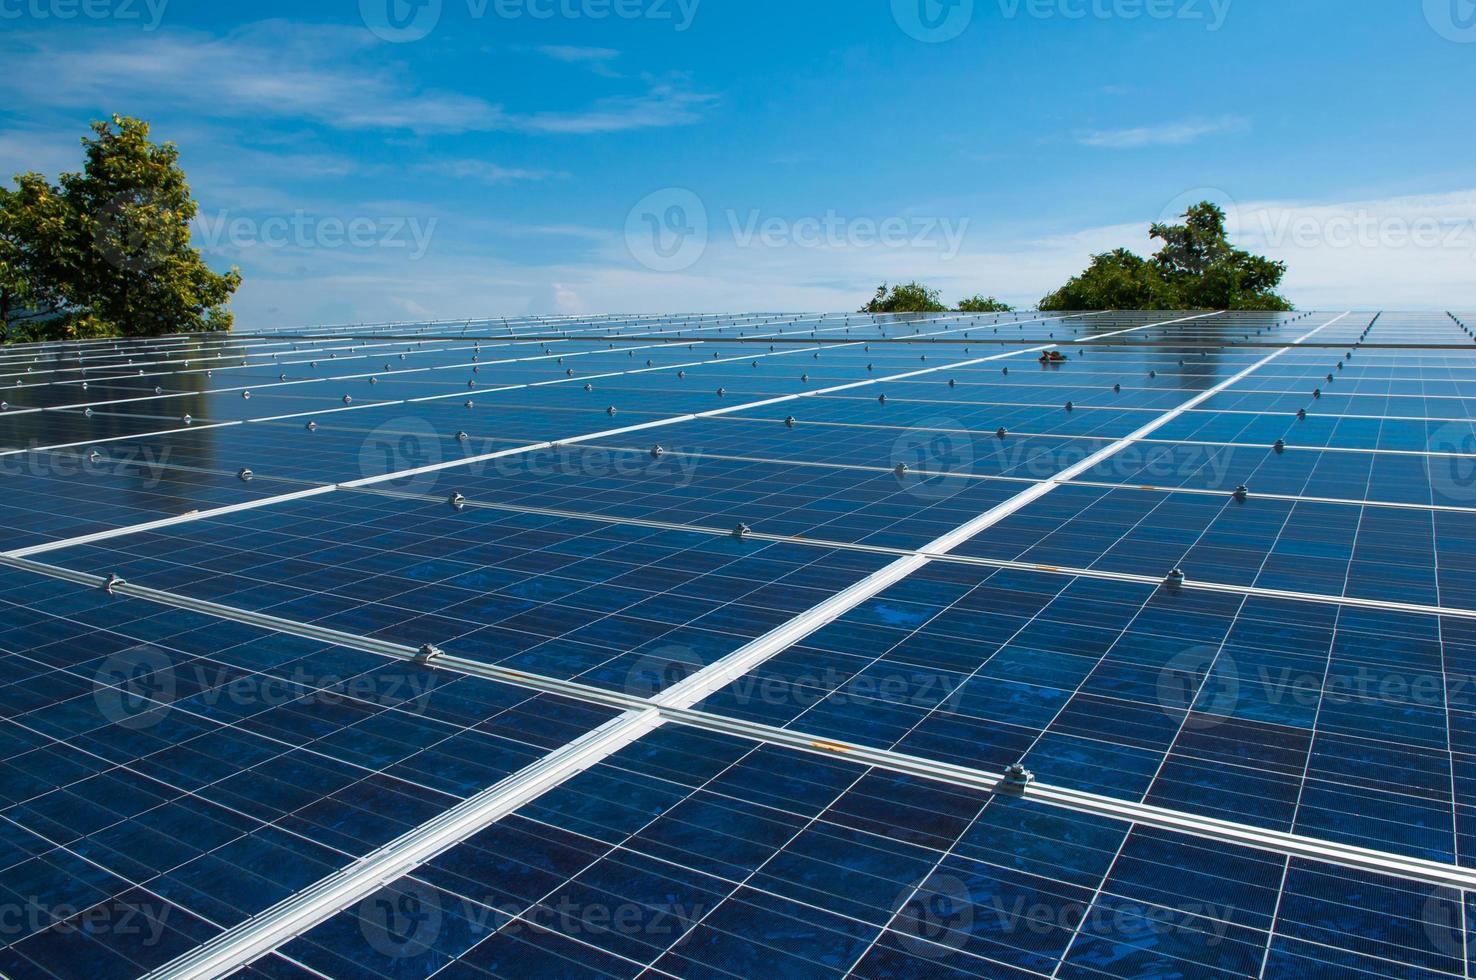 Solarpanel auf einem Lebensraumdach foto